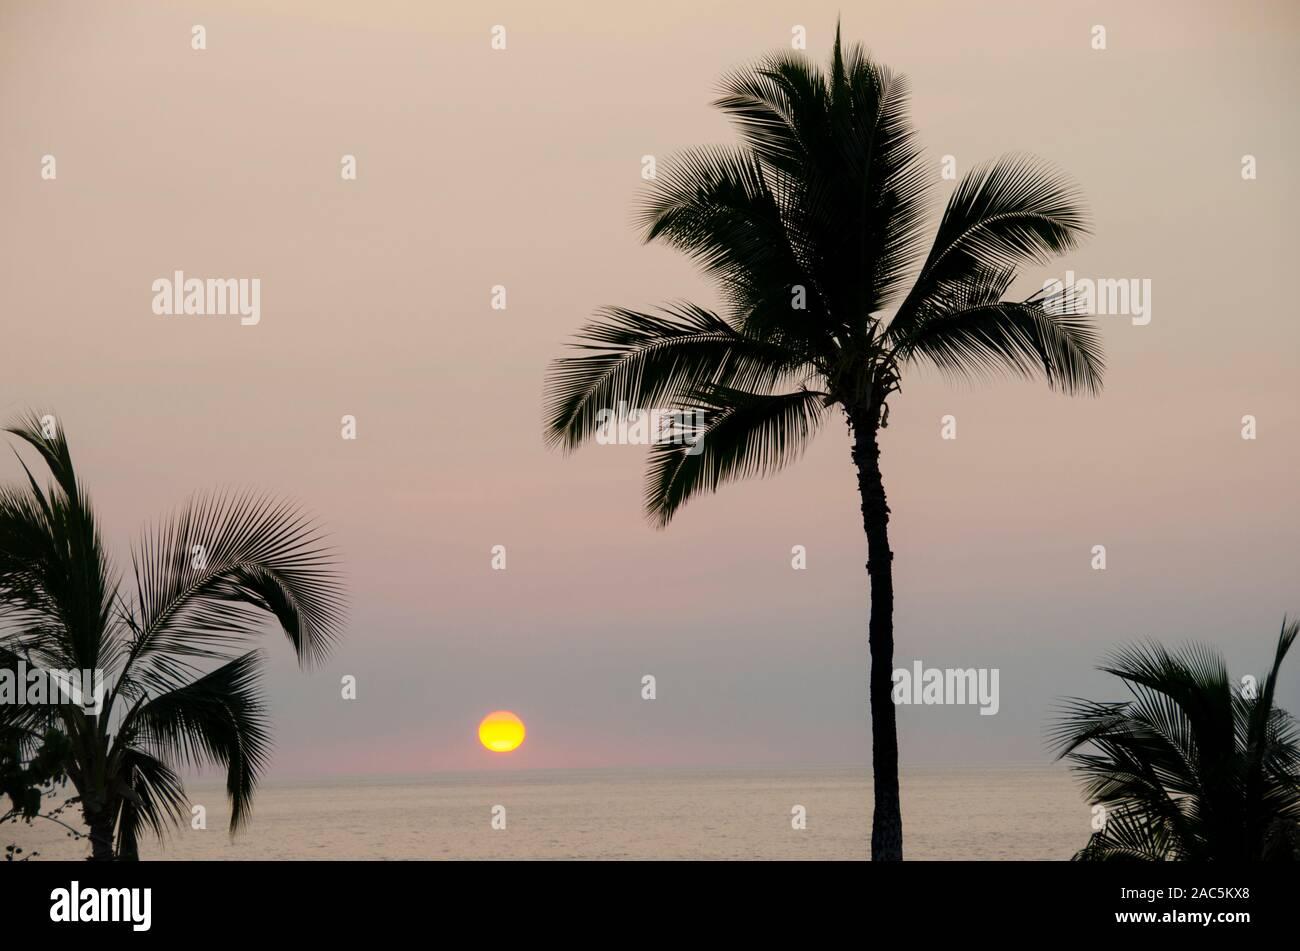 Siluetas de palmeras enmarcan una hermosa puesta de sol en el Hapuna Beach, Isla de Hawai'i. Foto de stock